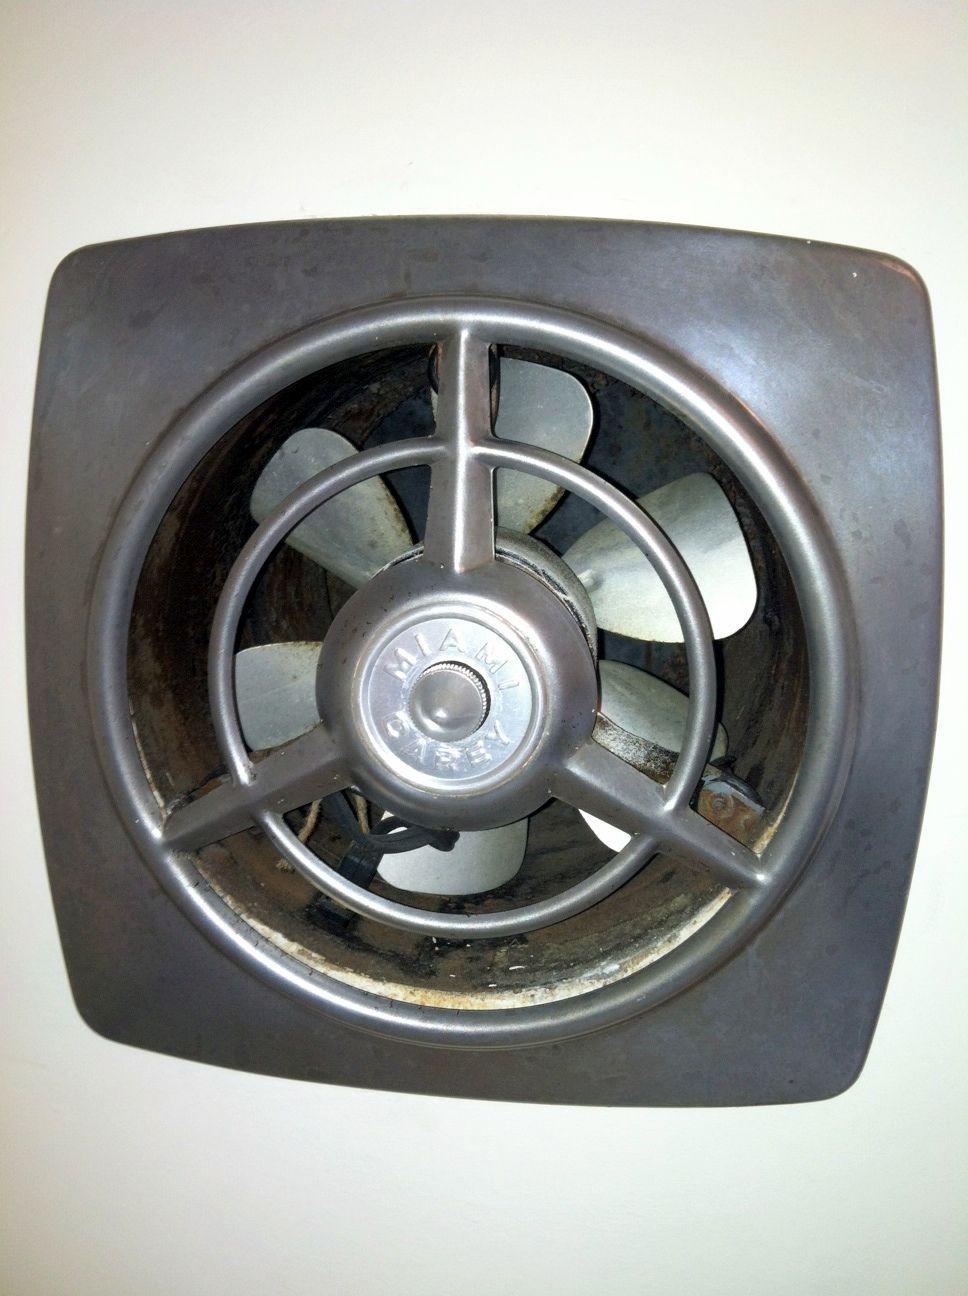 Broan Ventilation Fan Nutone Exhaust Fans Nutone Bathroom Fan